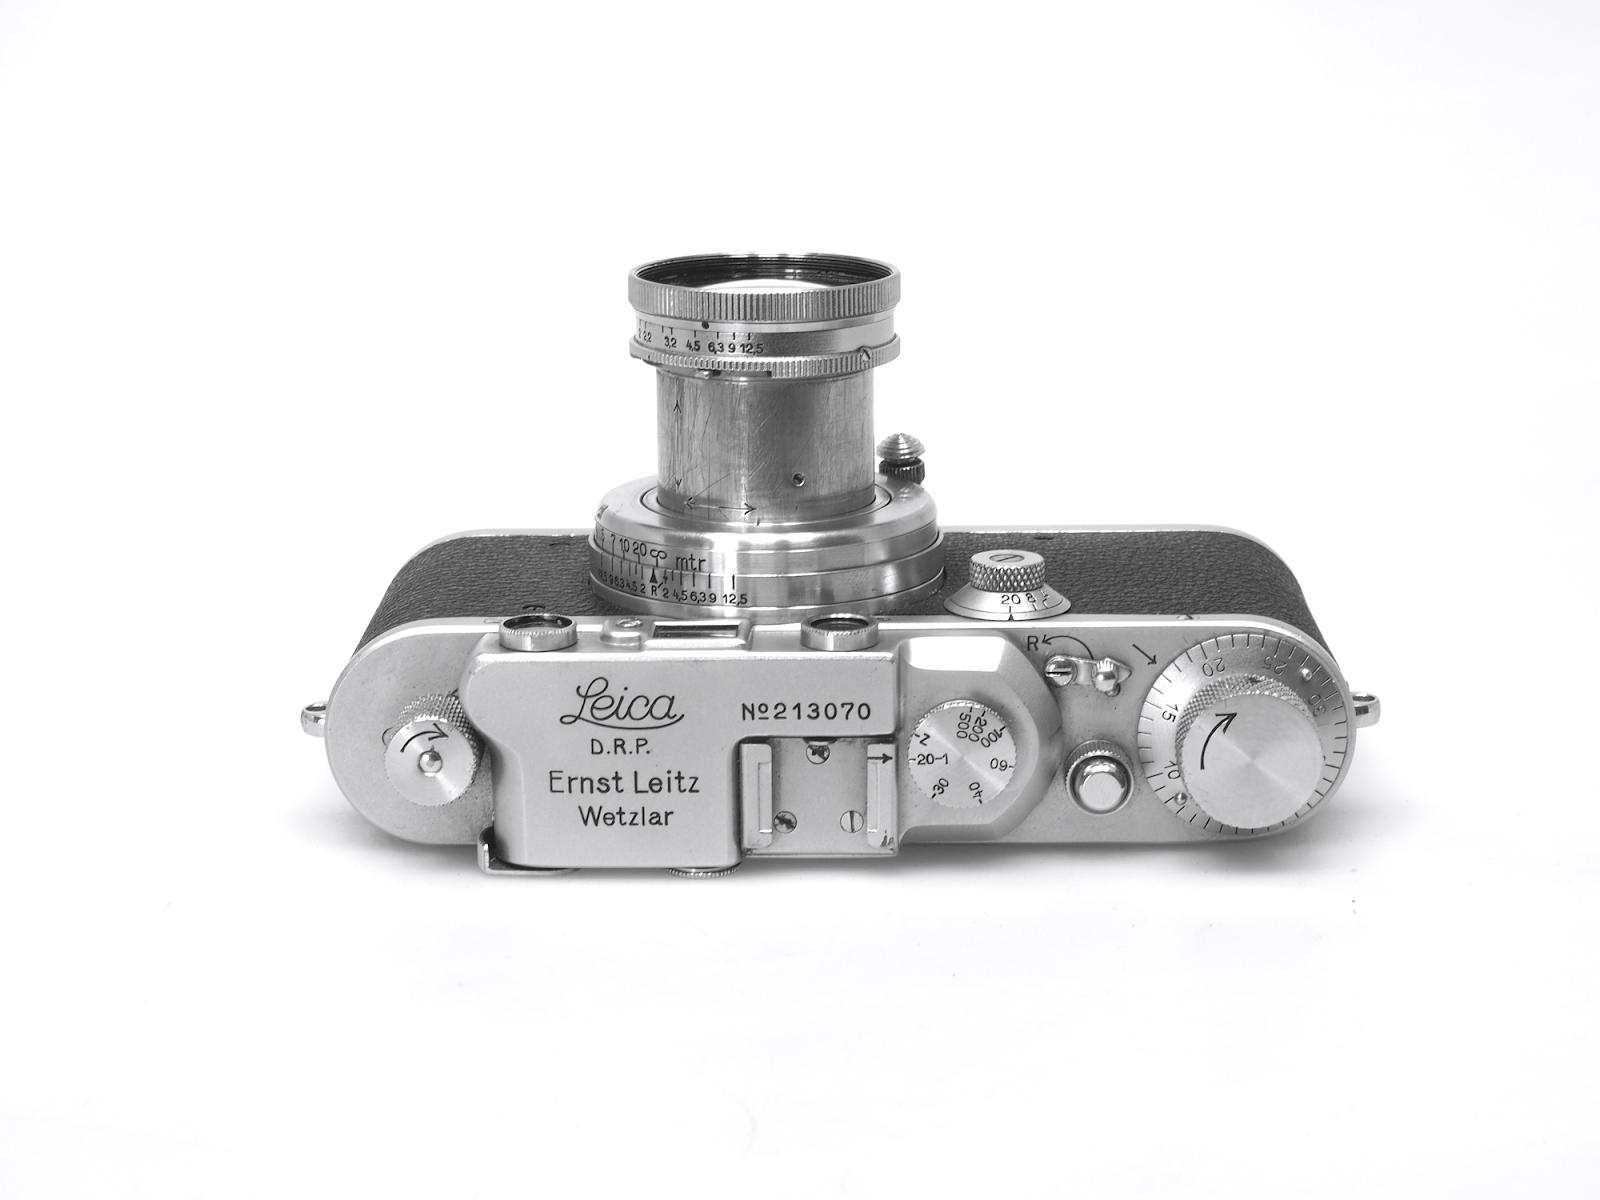 Leica Iii Entfernungsmesser : Messsucherkamera leica iiif mit leitz elmar objektiv stockfoto